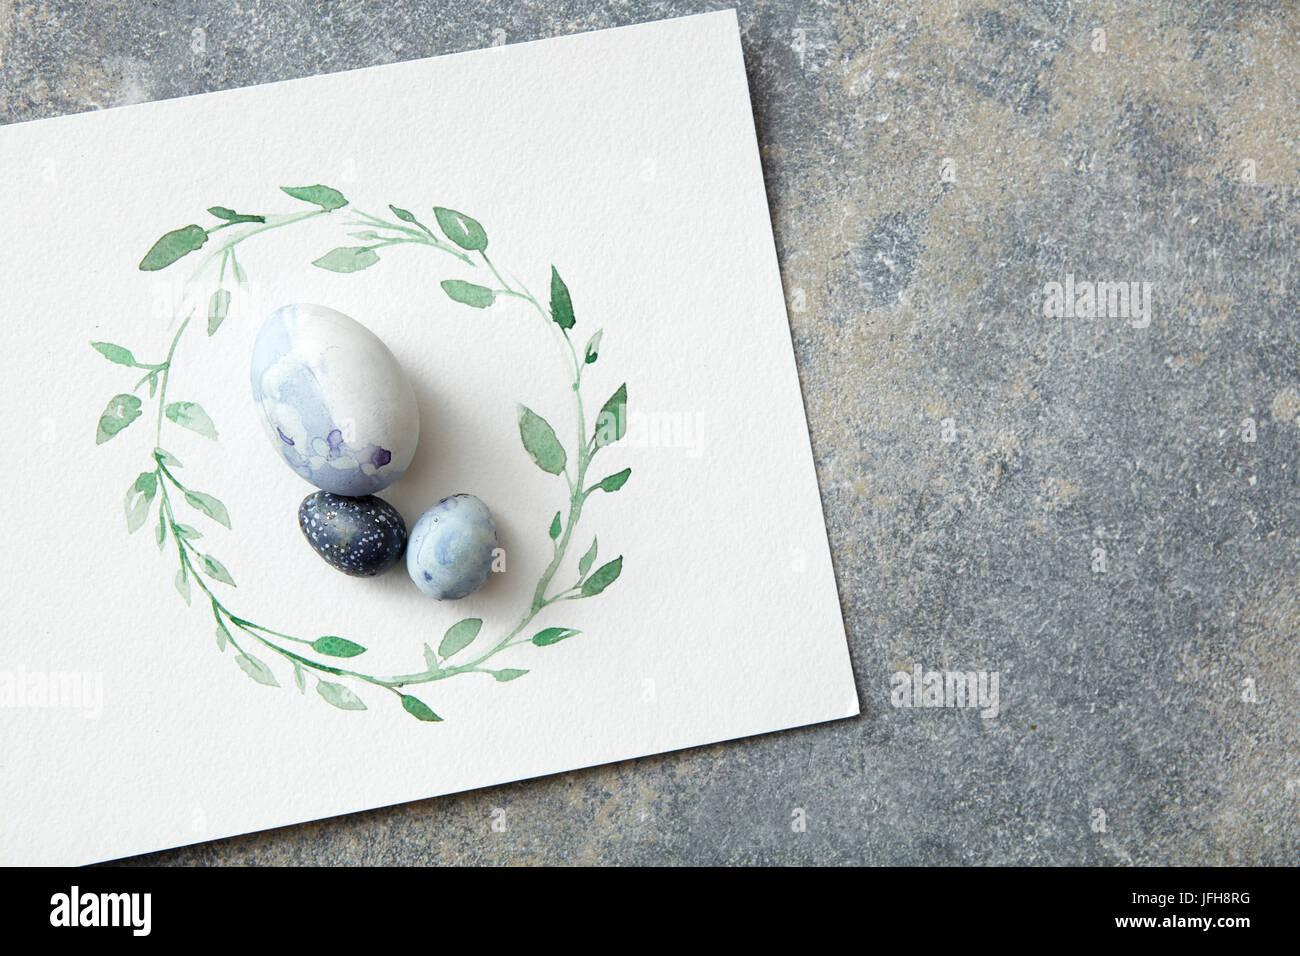 Los huevos de Pascua con hojas dibujadas a mano en papel Imagen De Stock